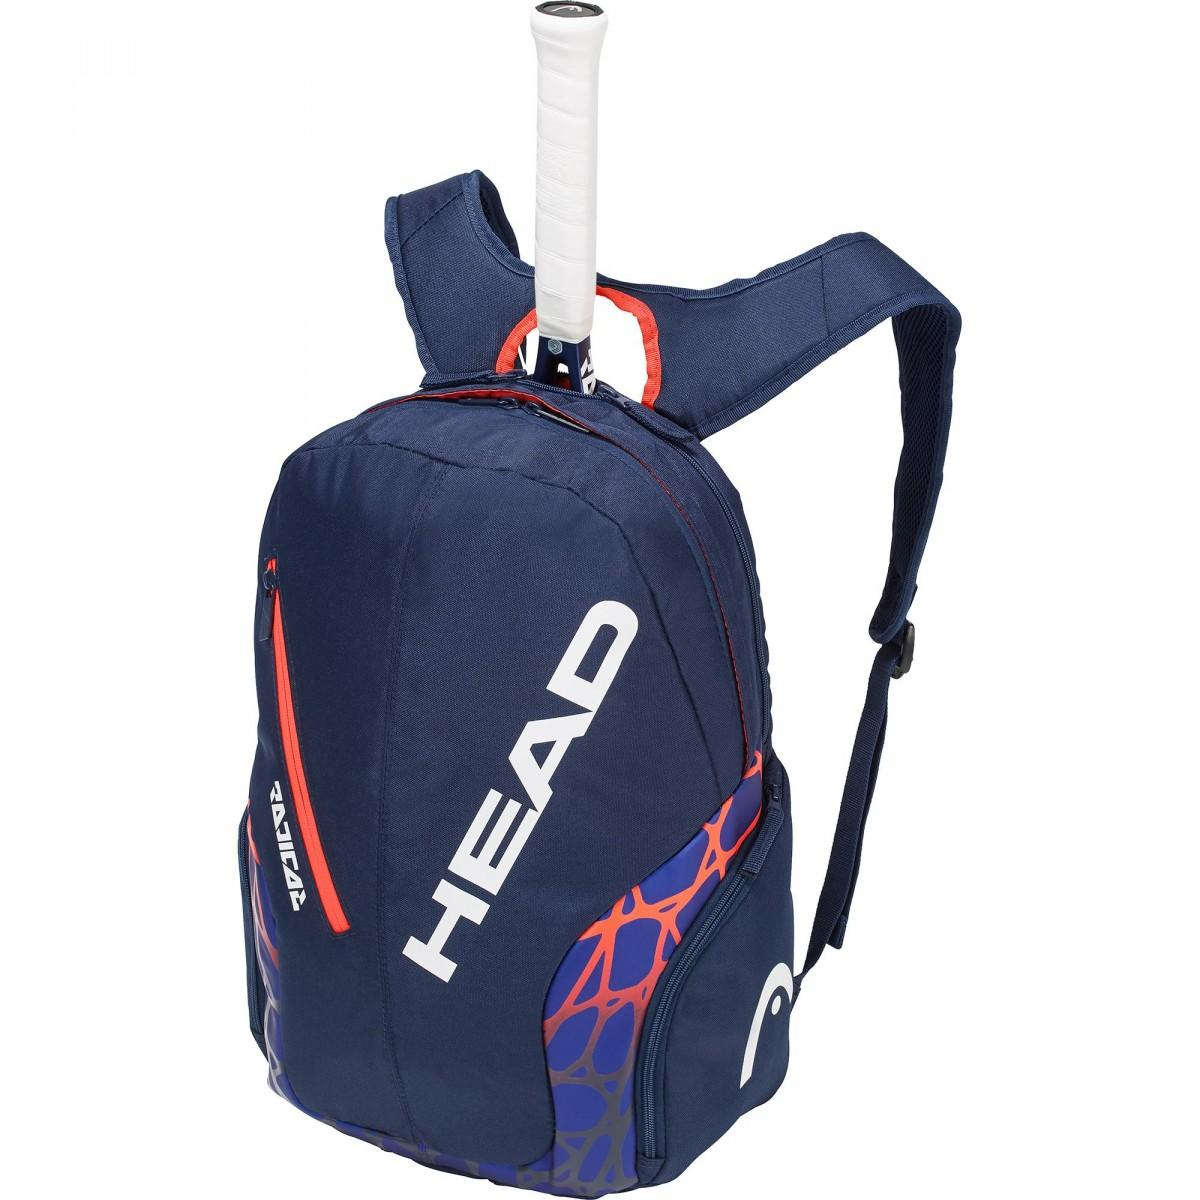 Теннисный рюкзак Head Radical Backpack blue/orange